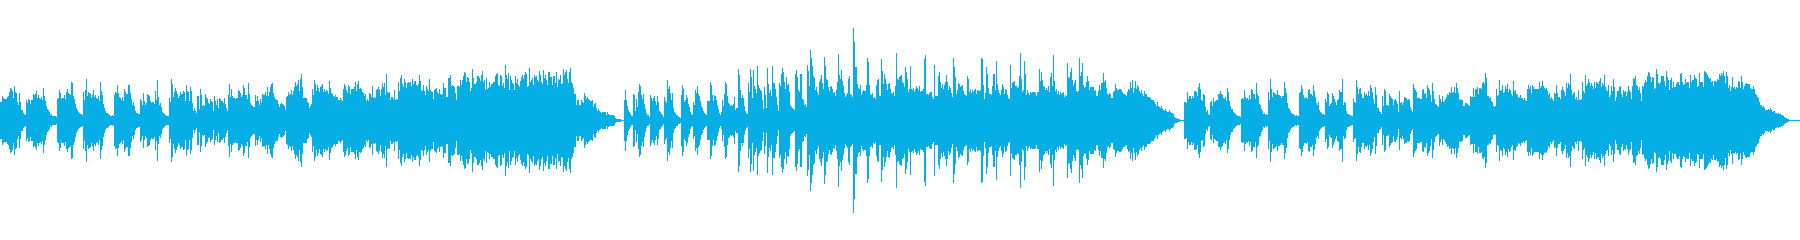 鬱蒼とした雰囲気のBGMの再生済みの波形